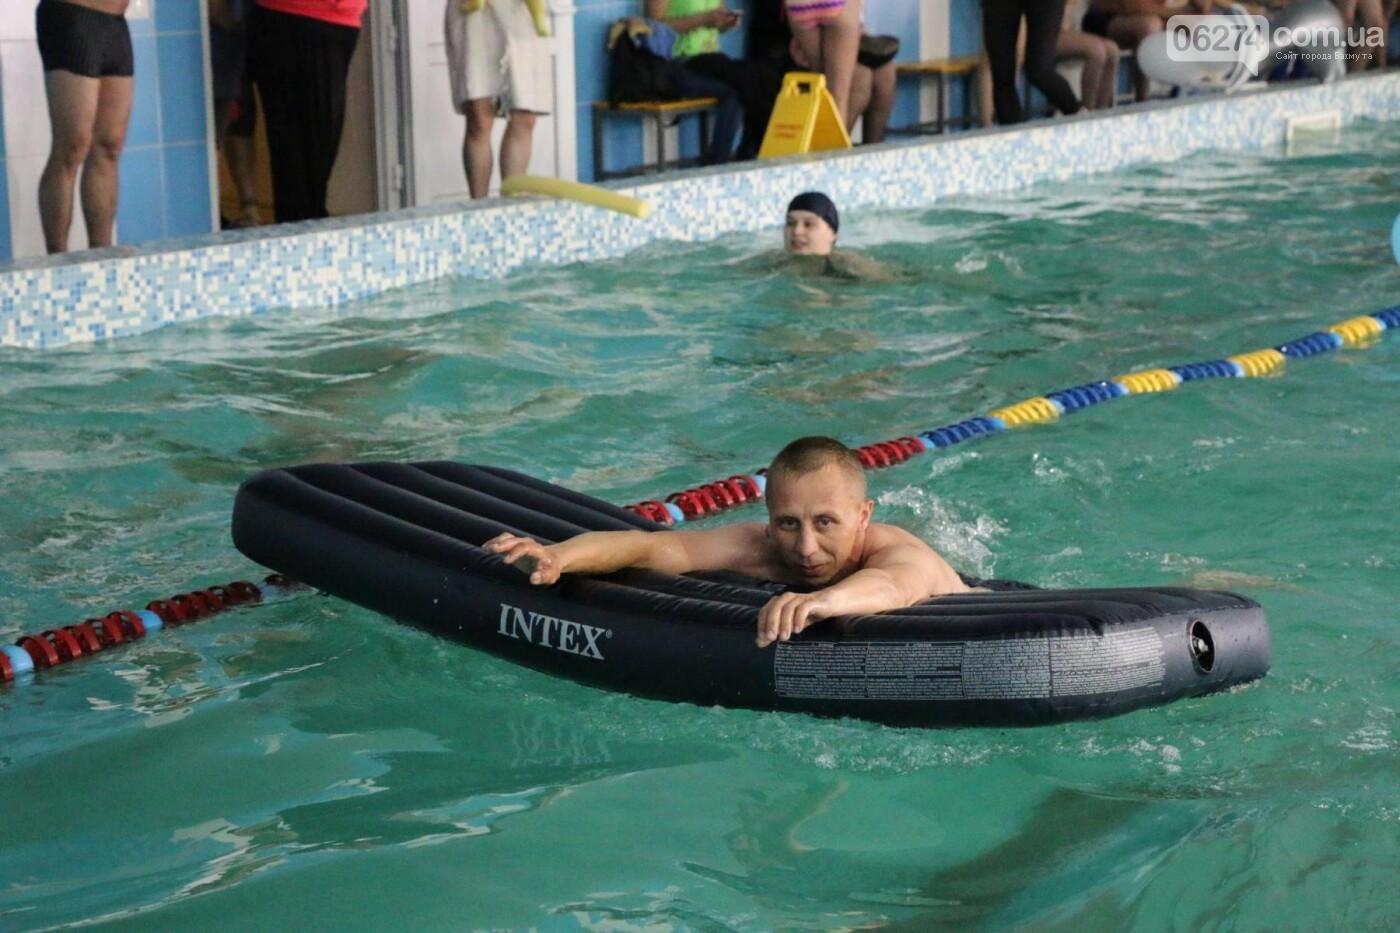 В Бахмуте ко Дню матери и Дню семьи провели семейный заплыв, фото-15